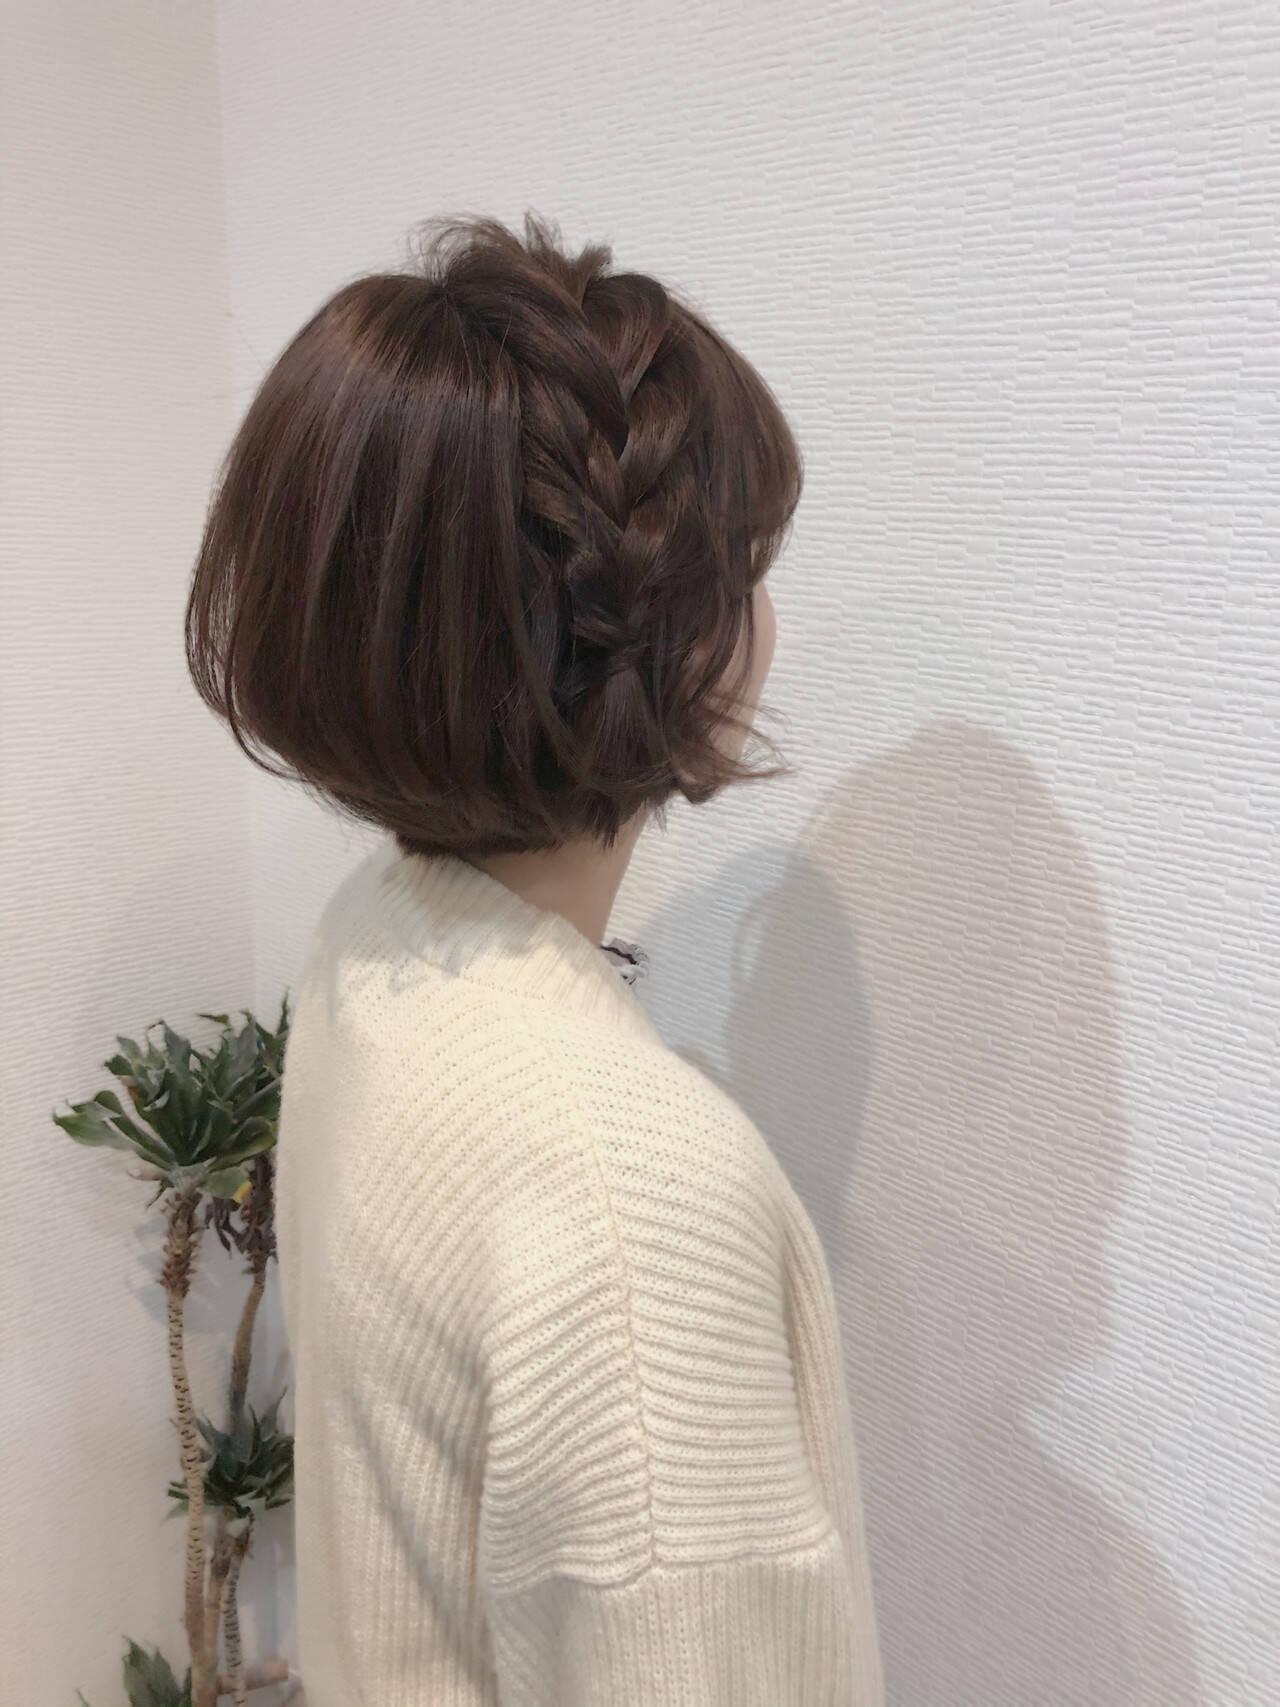 ショート 編み込みヘア ショートヘアアレンジ フェミニンヘアスタイルや髪型の写真・画像